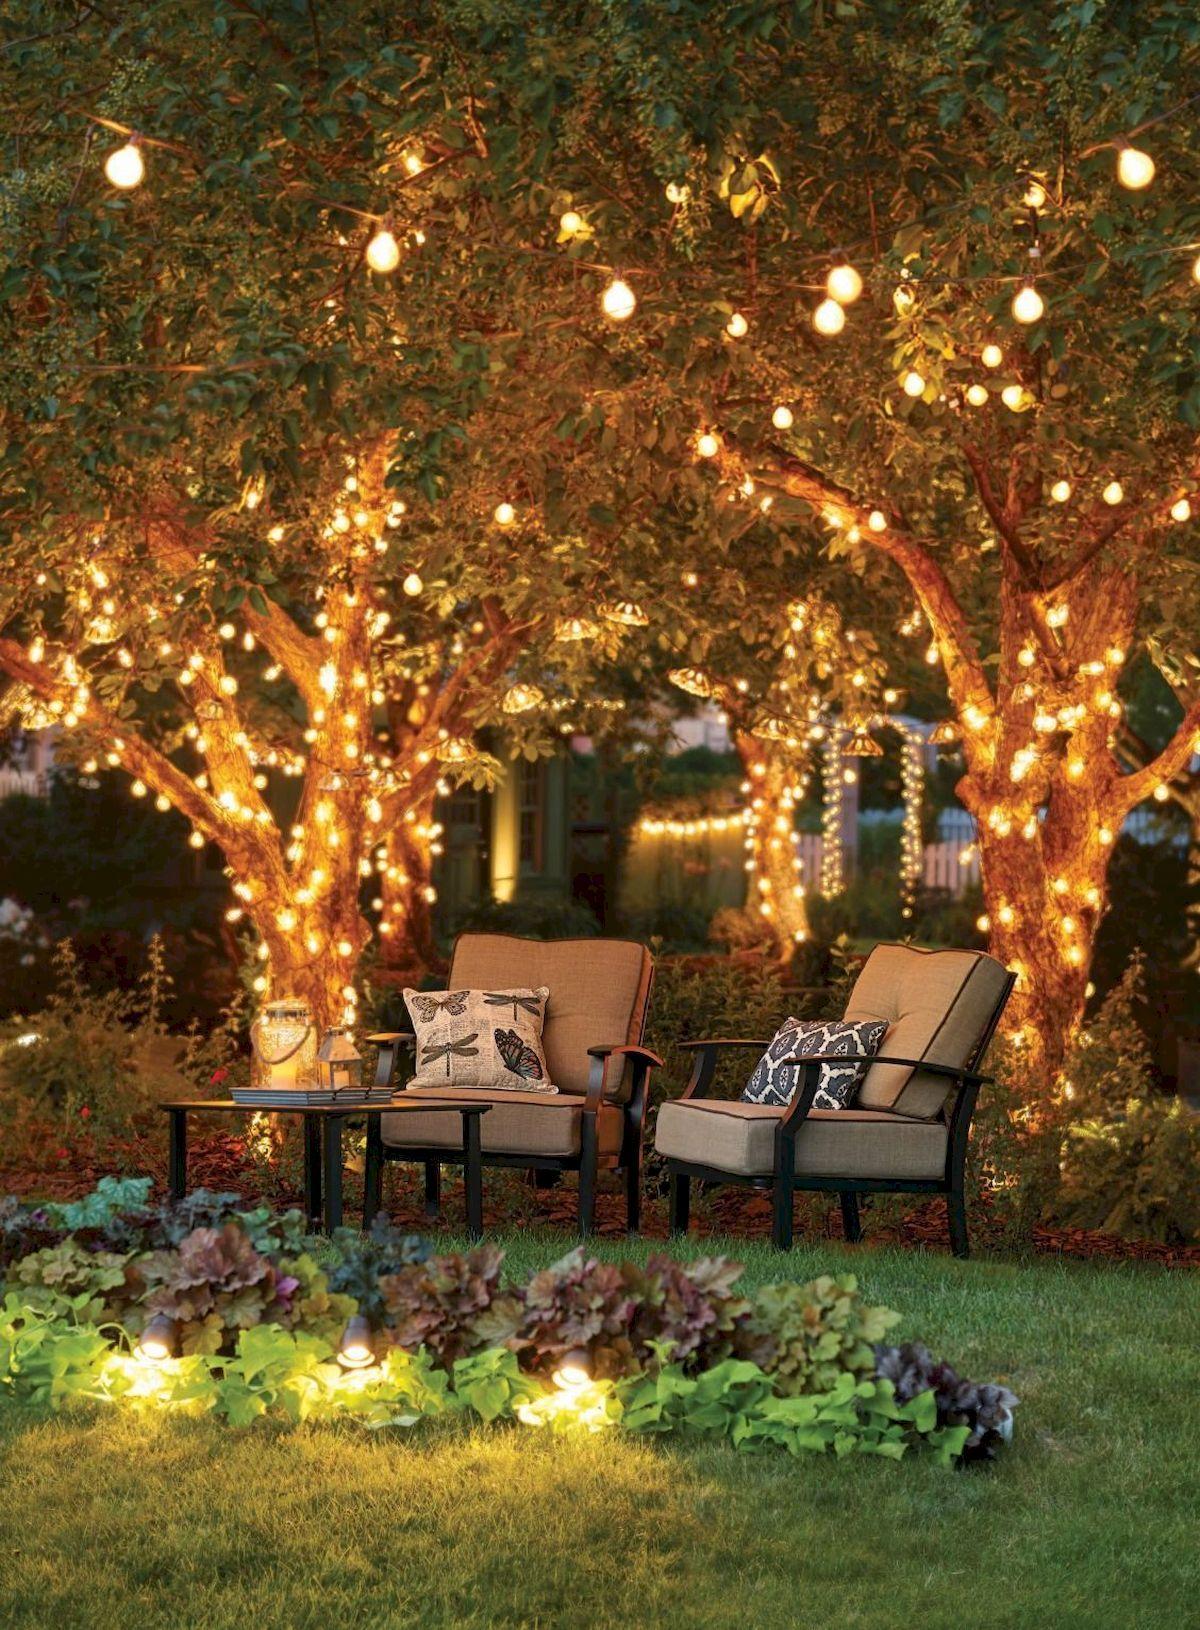 Backyard Lighting Ideas | Outdoor deck lighting, Outdoor ...